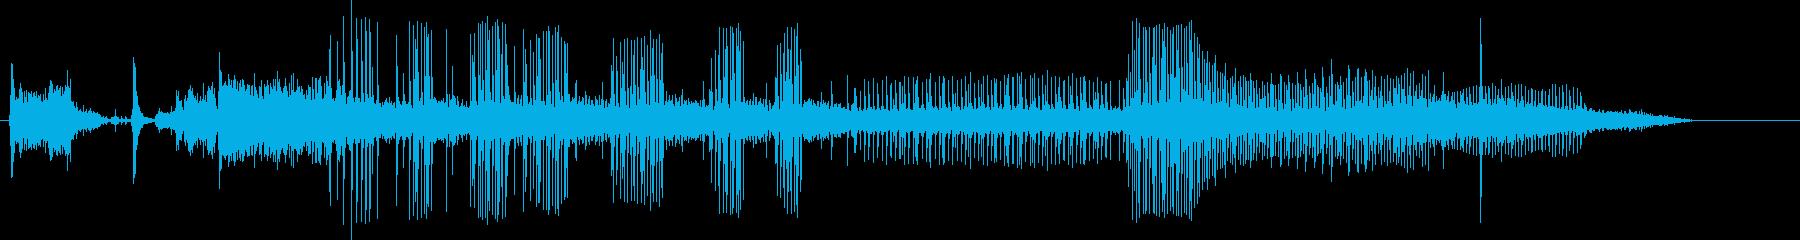 自動車;開始/アイドル/オフ。 M...の再生済みの波形